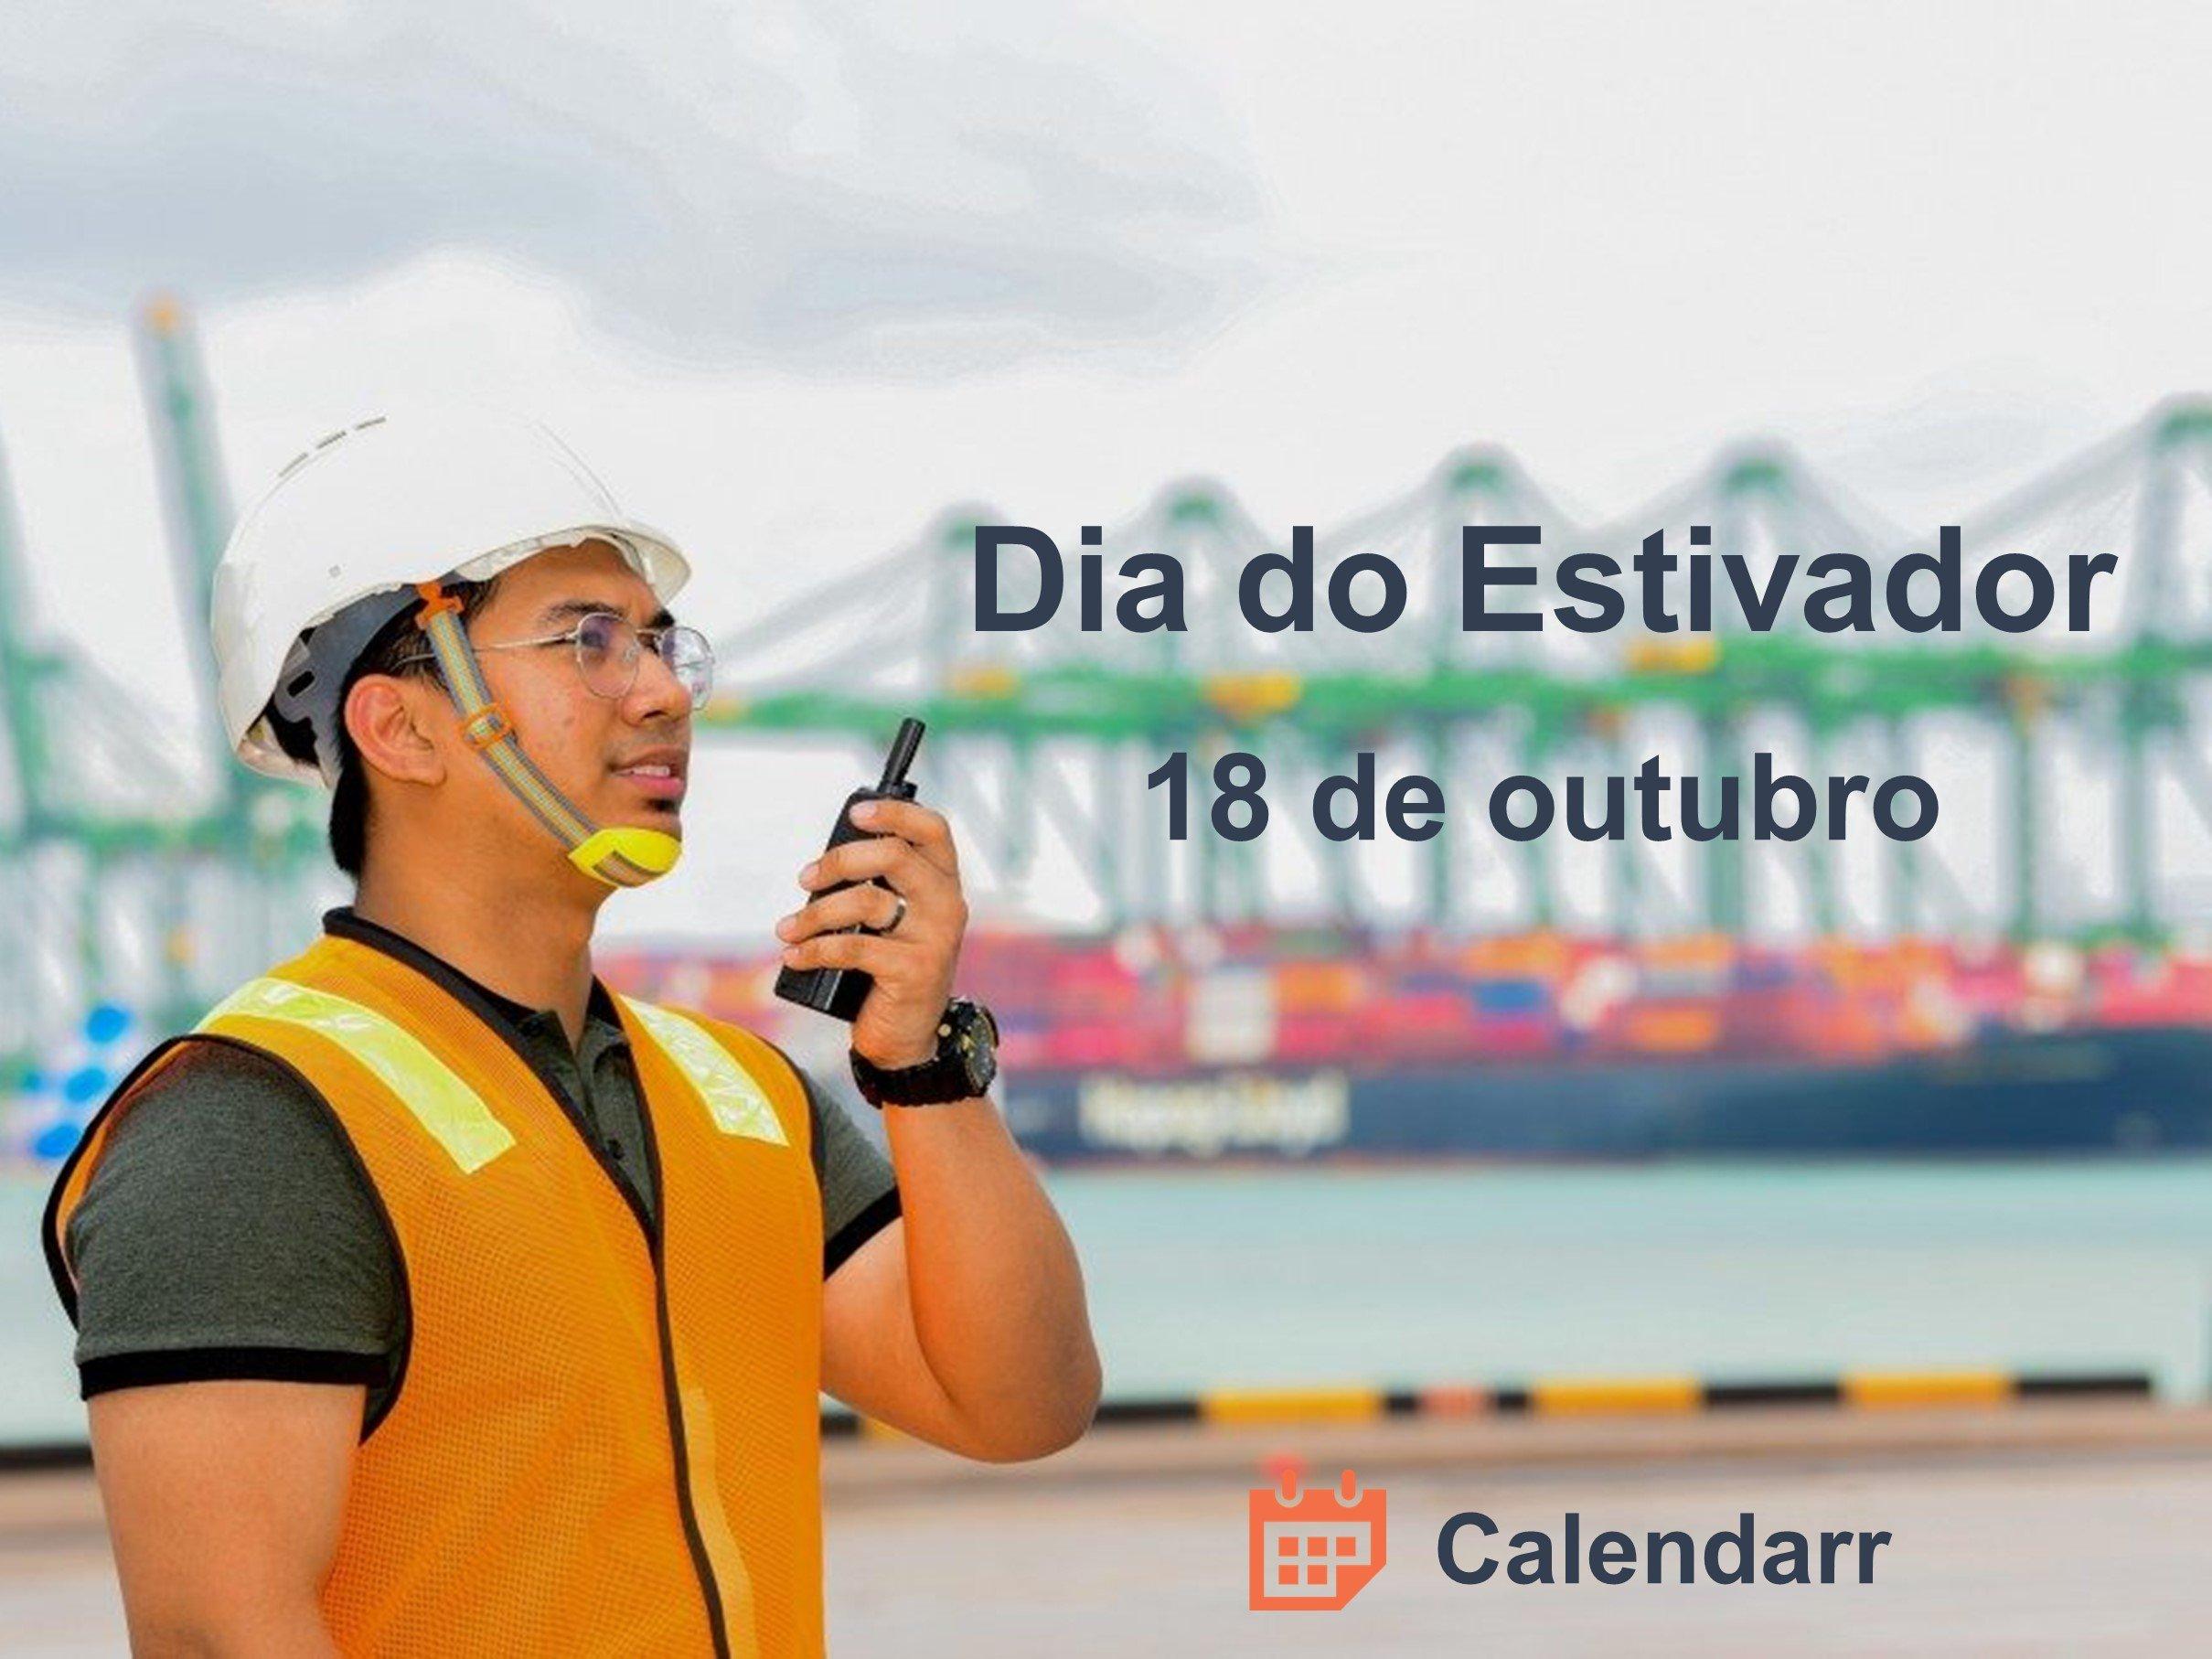 Dia do Estivador